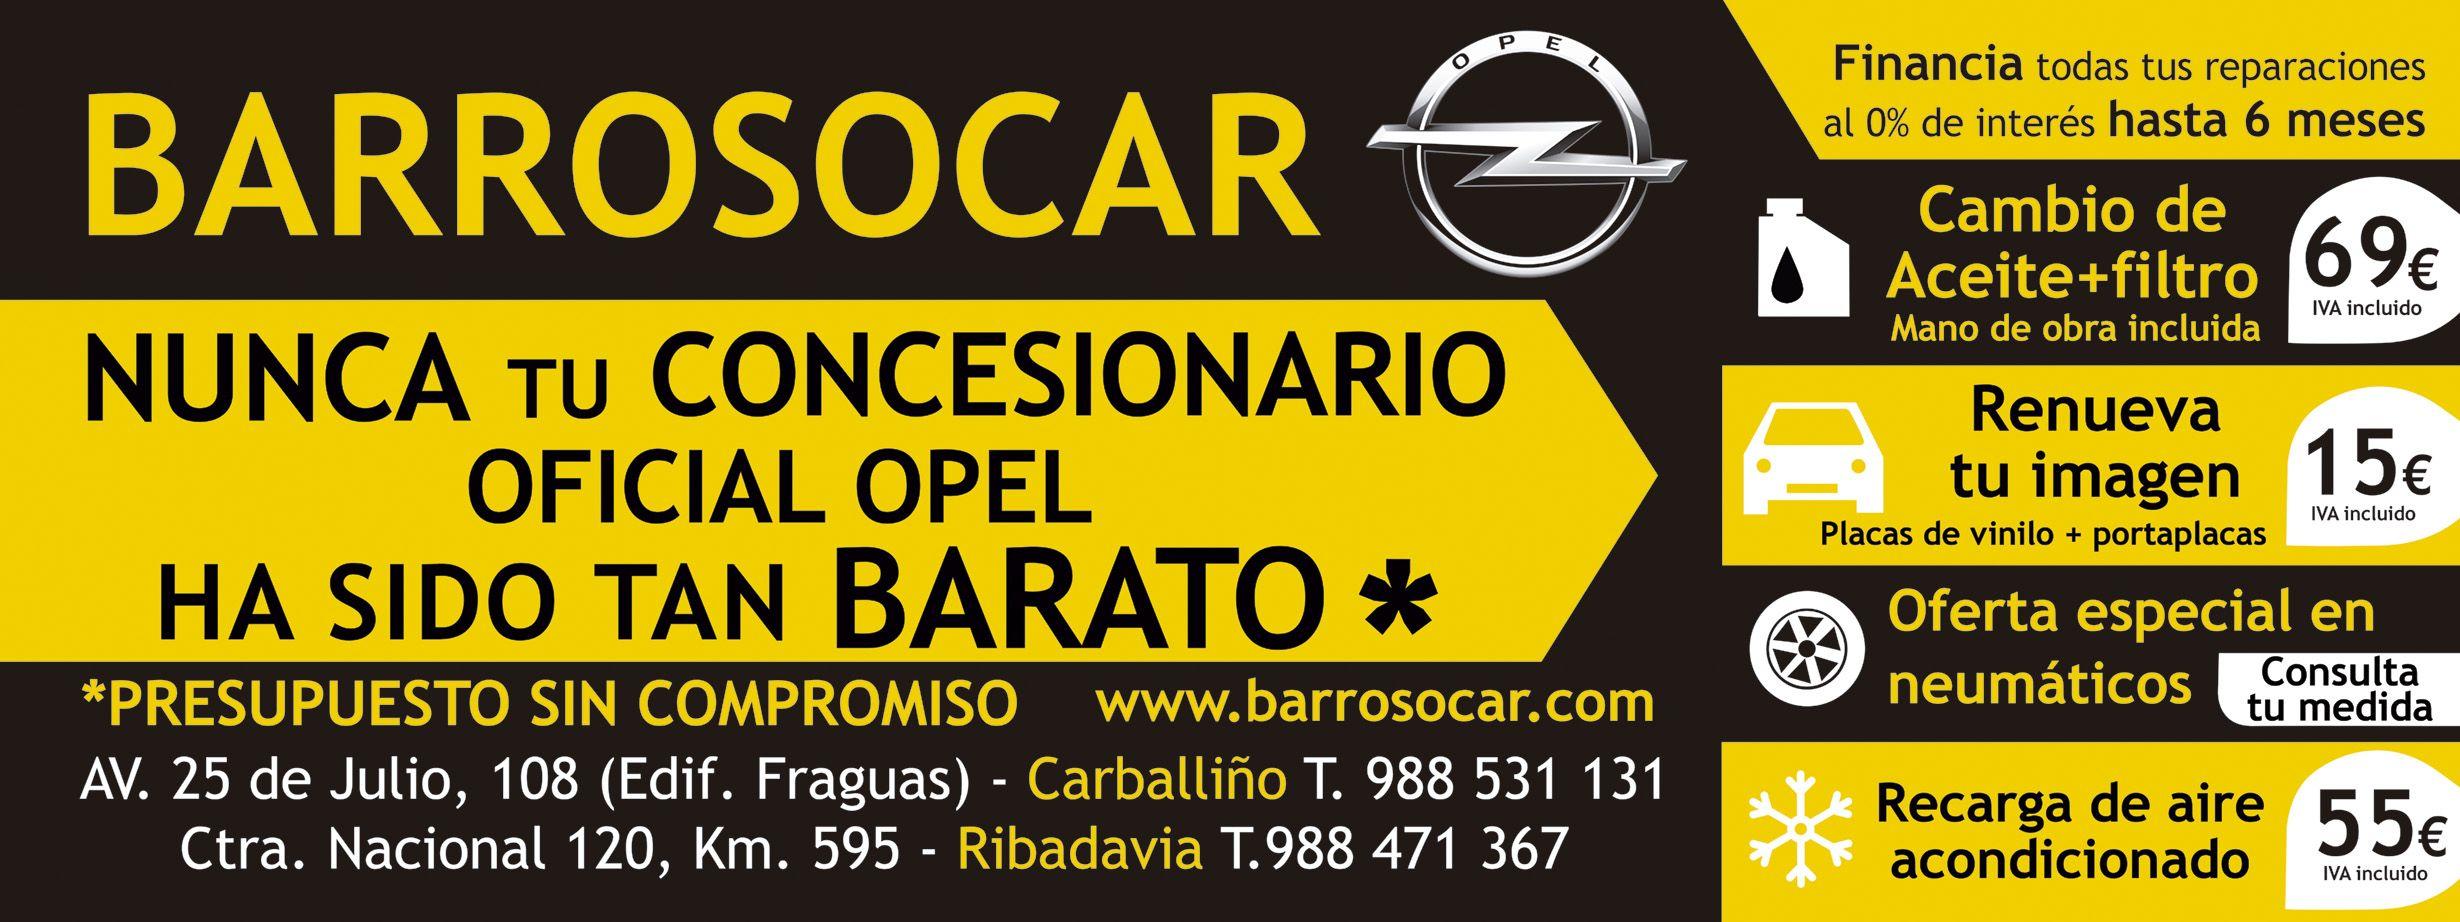 OFERTA BARROSOCAR-NUNCA TU CONCESIONARIO OPEL FUE TAN BARATO